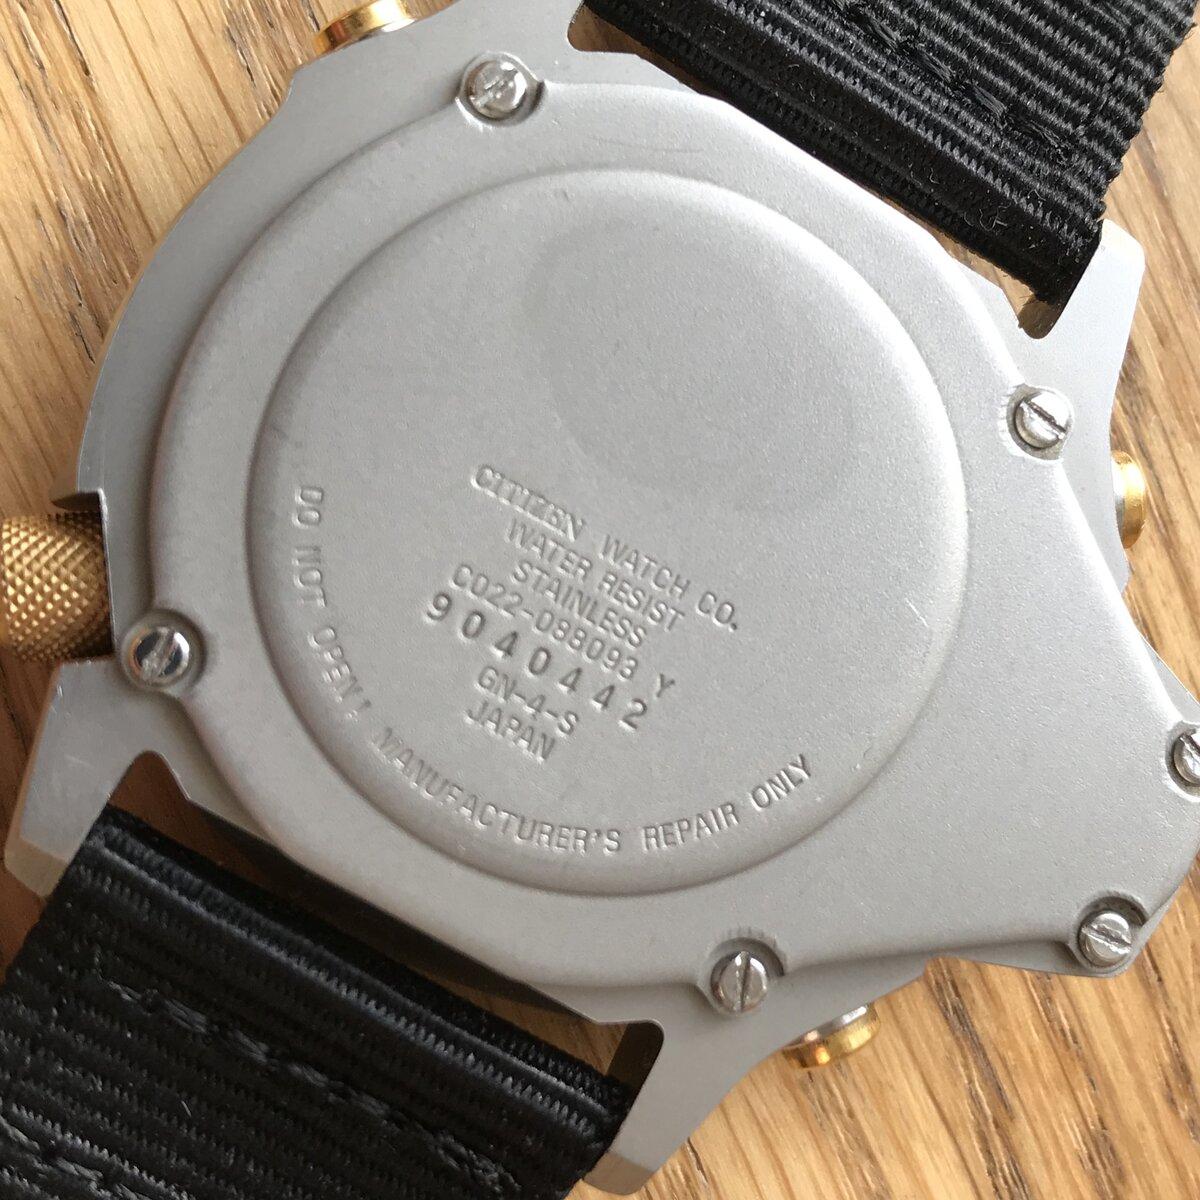 9BE67B64-A91D-4EDF-8446-075E261D74C1.